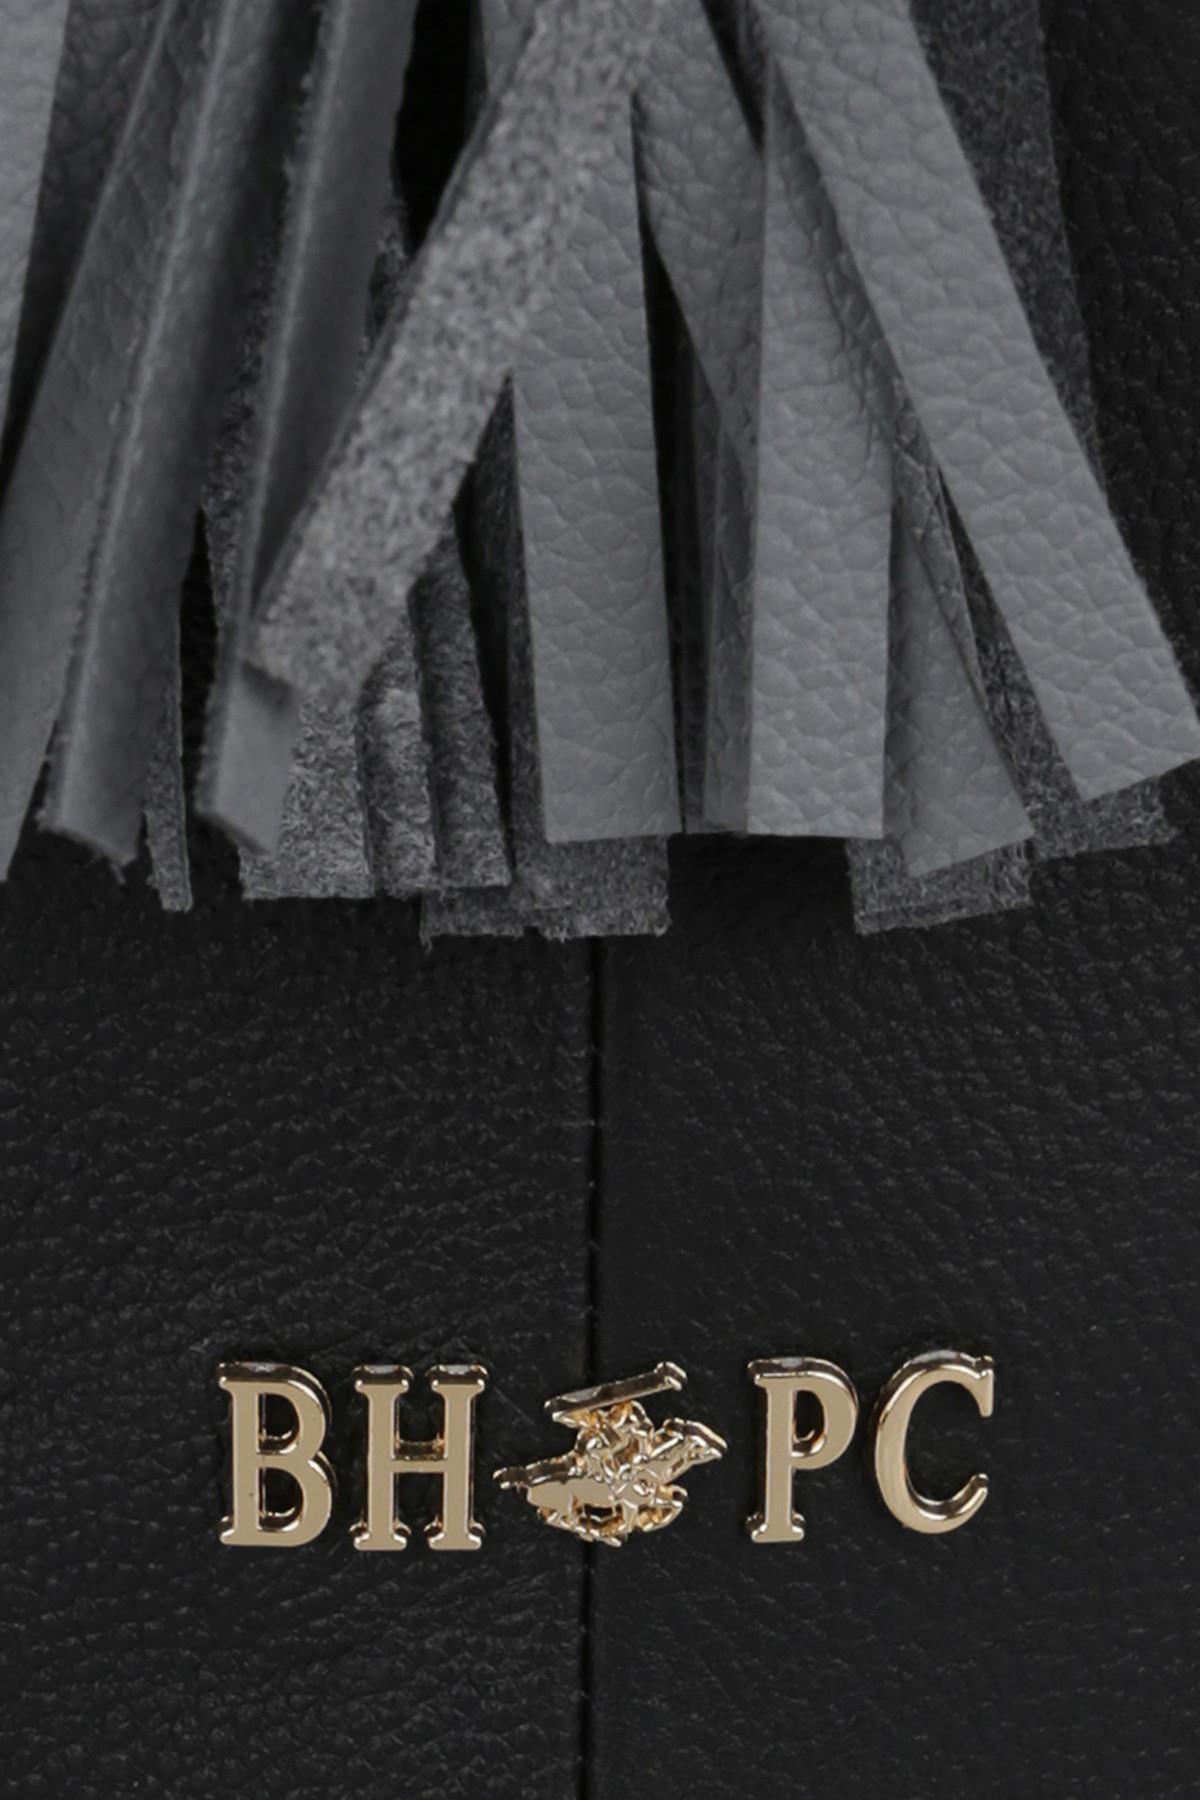 Beverly Hills Polo Club Kadın Hakiki Deri Püskül Detaylı Büzgülü Omuz Çantası Siyah 4